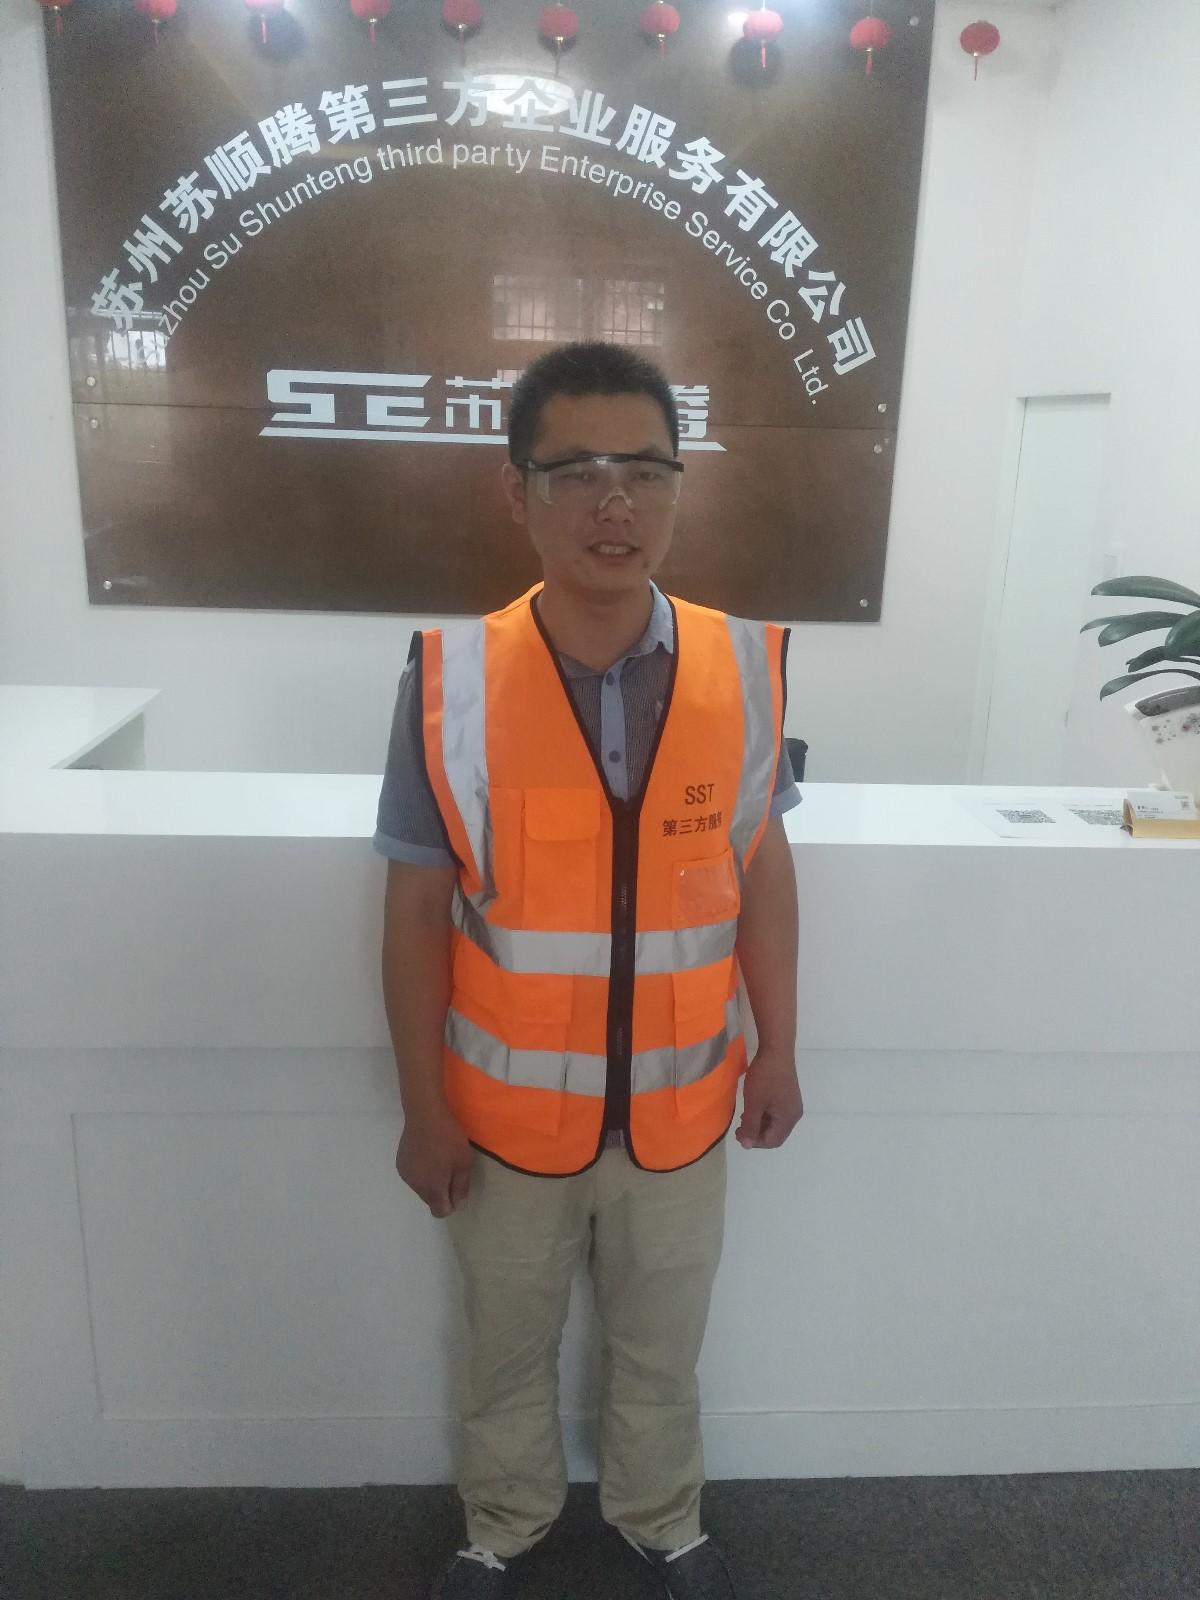 可提供驻厂工程师_提供第三方挑选返工_苏州苏顺腾企业办理效劳无限公司